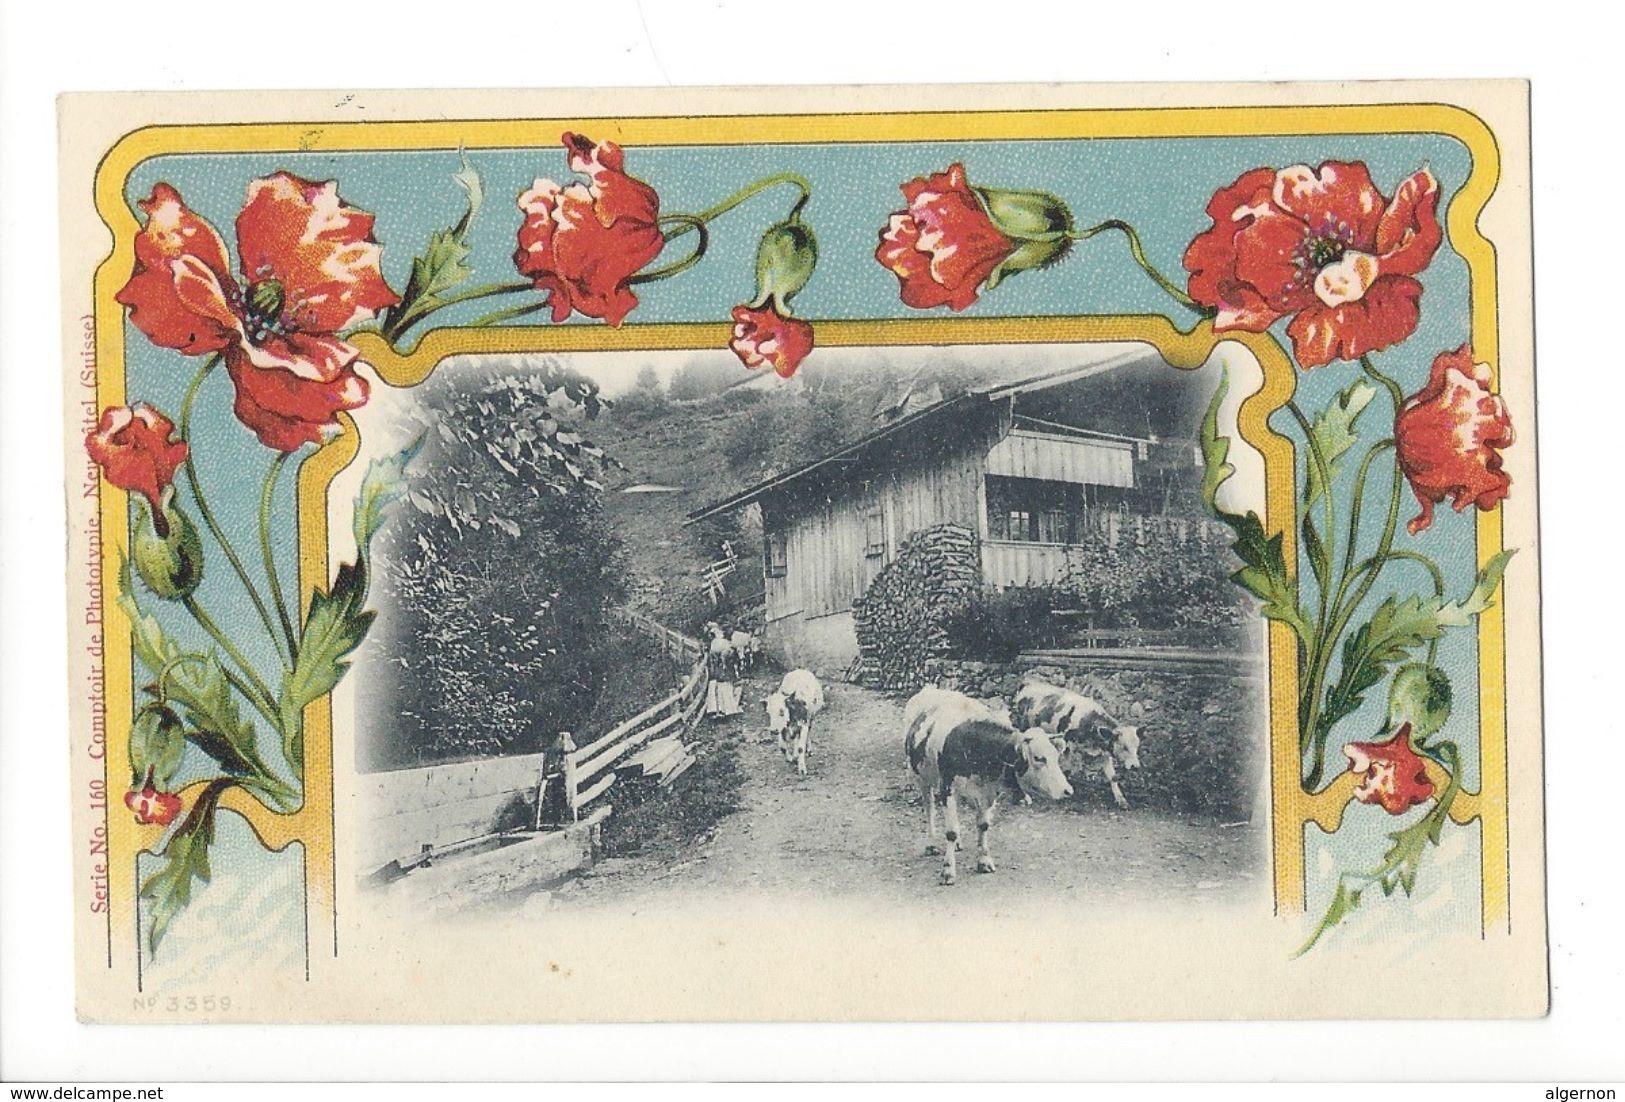 18432 - Vaches S'en Allant Du Chalet Sur Fond De Pavots - Vaches